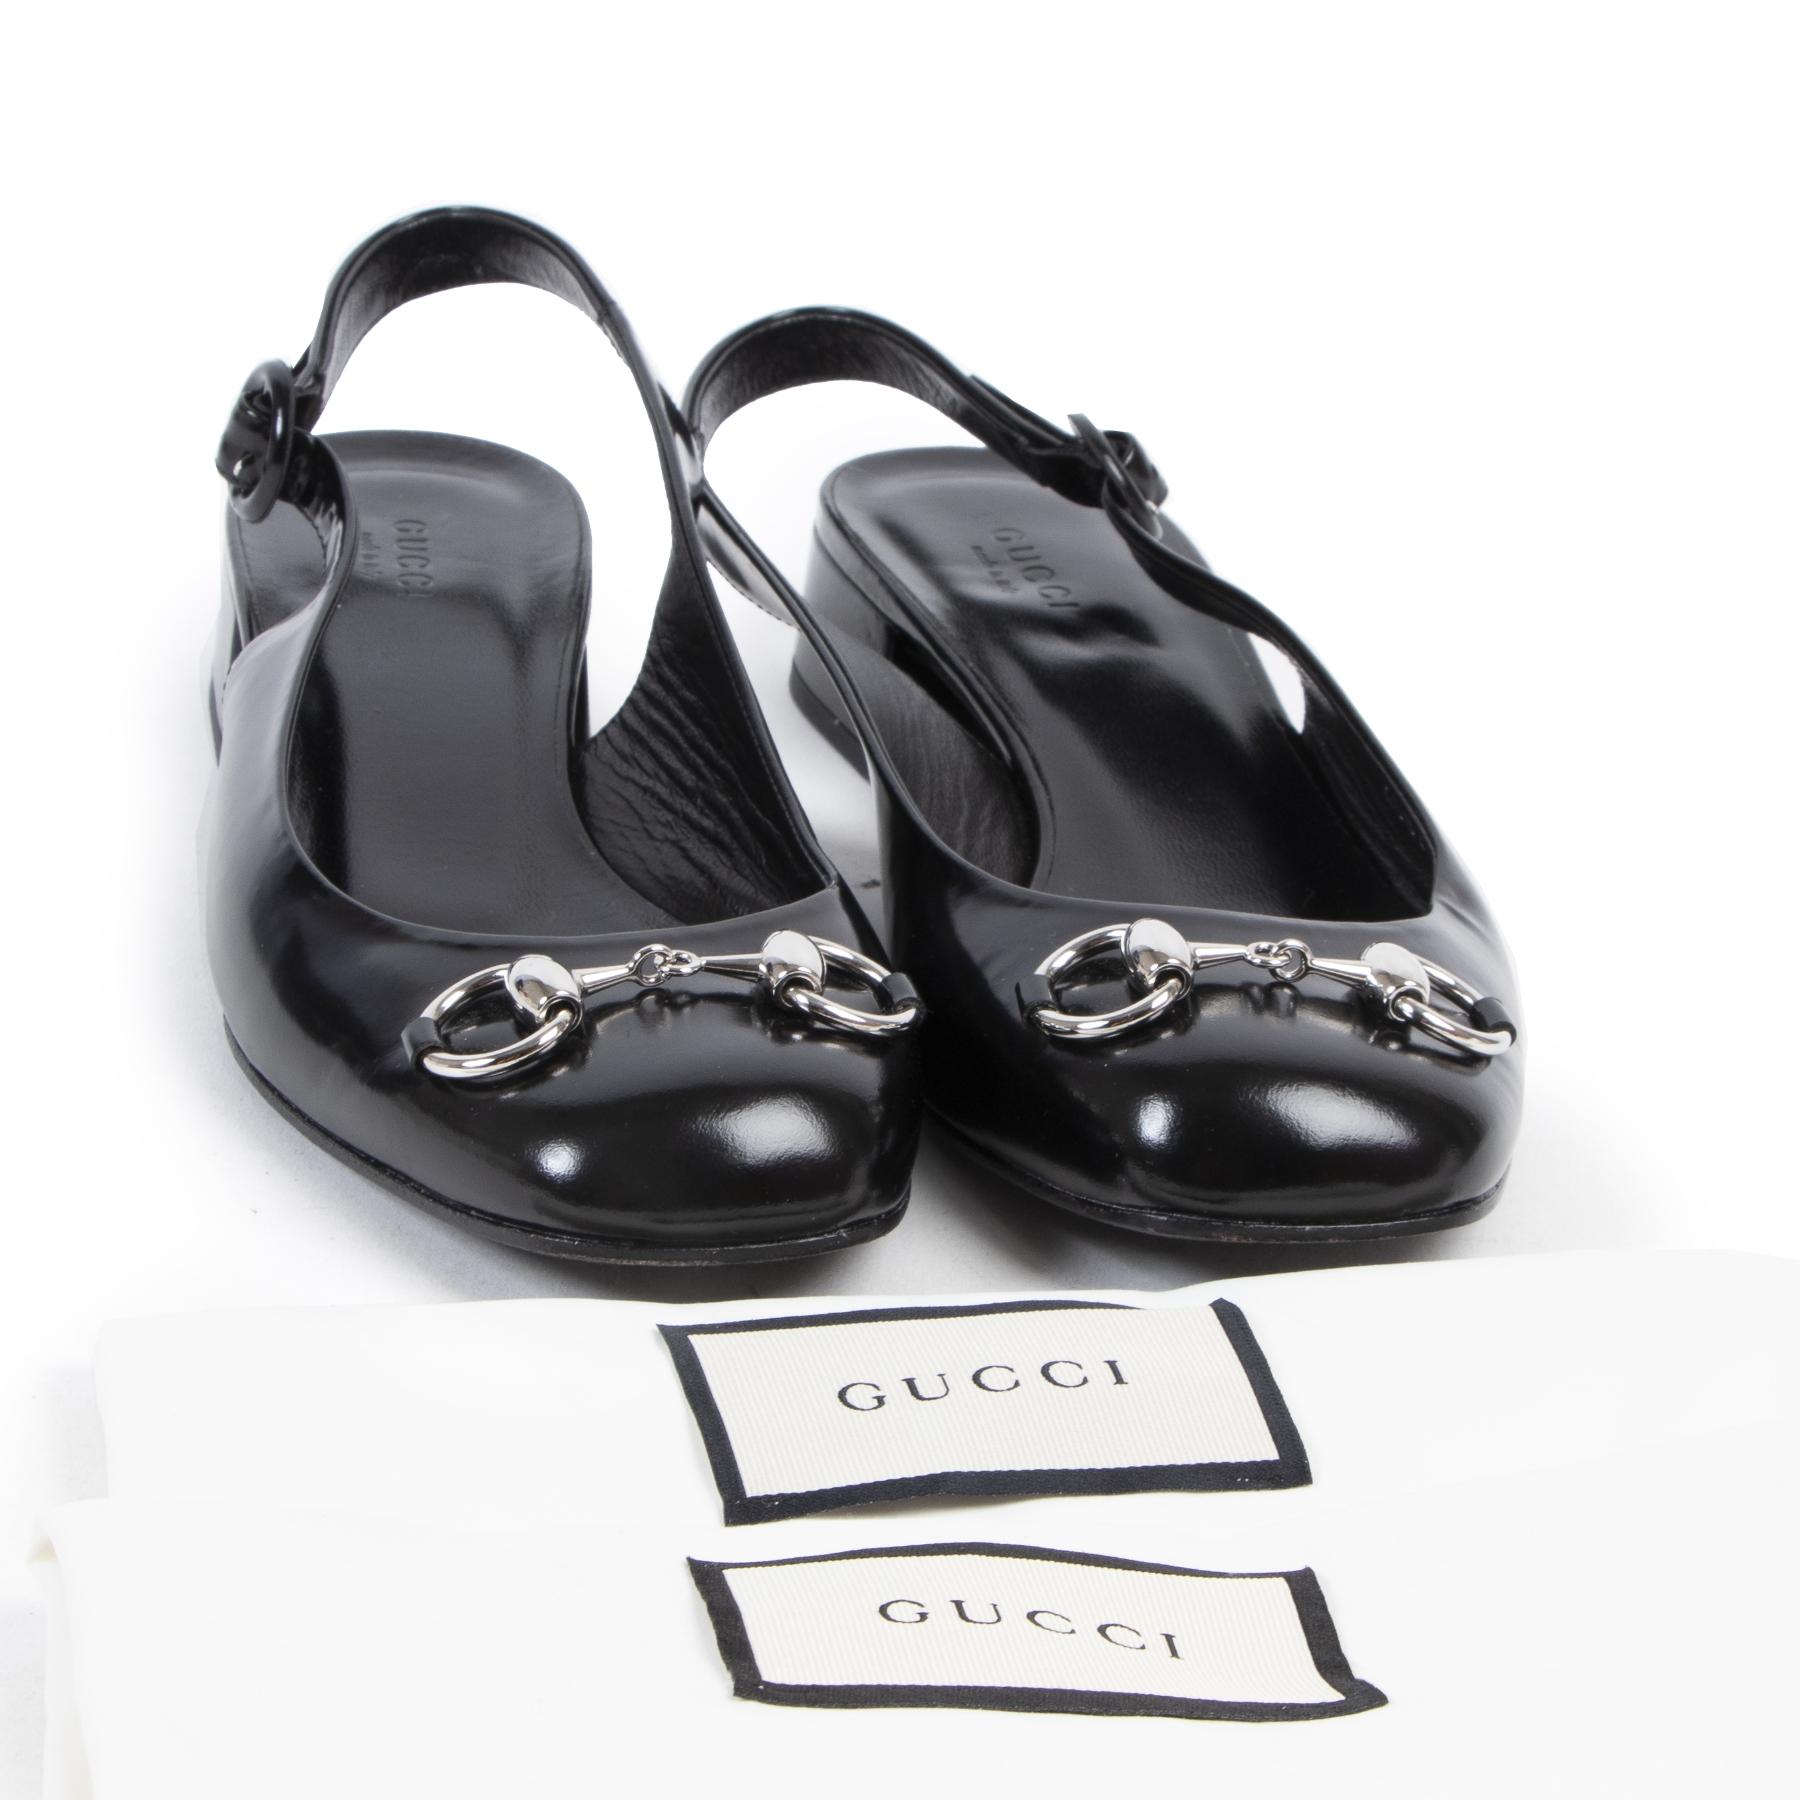 Gucci Black Vernis Leather Horsebit Flats kopen en verkopen aan de beste prijs